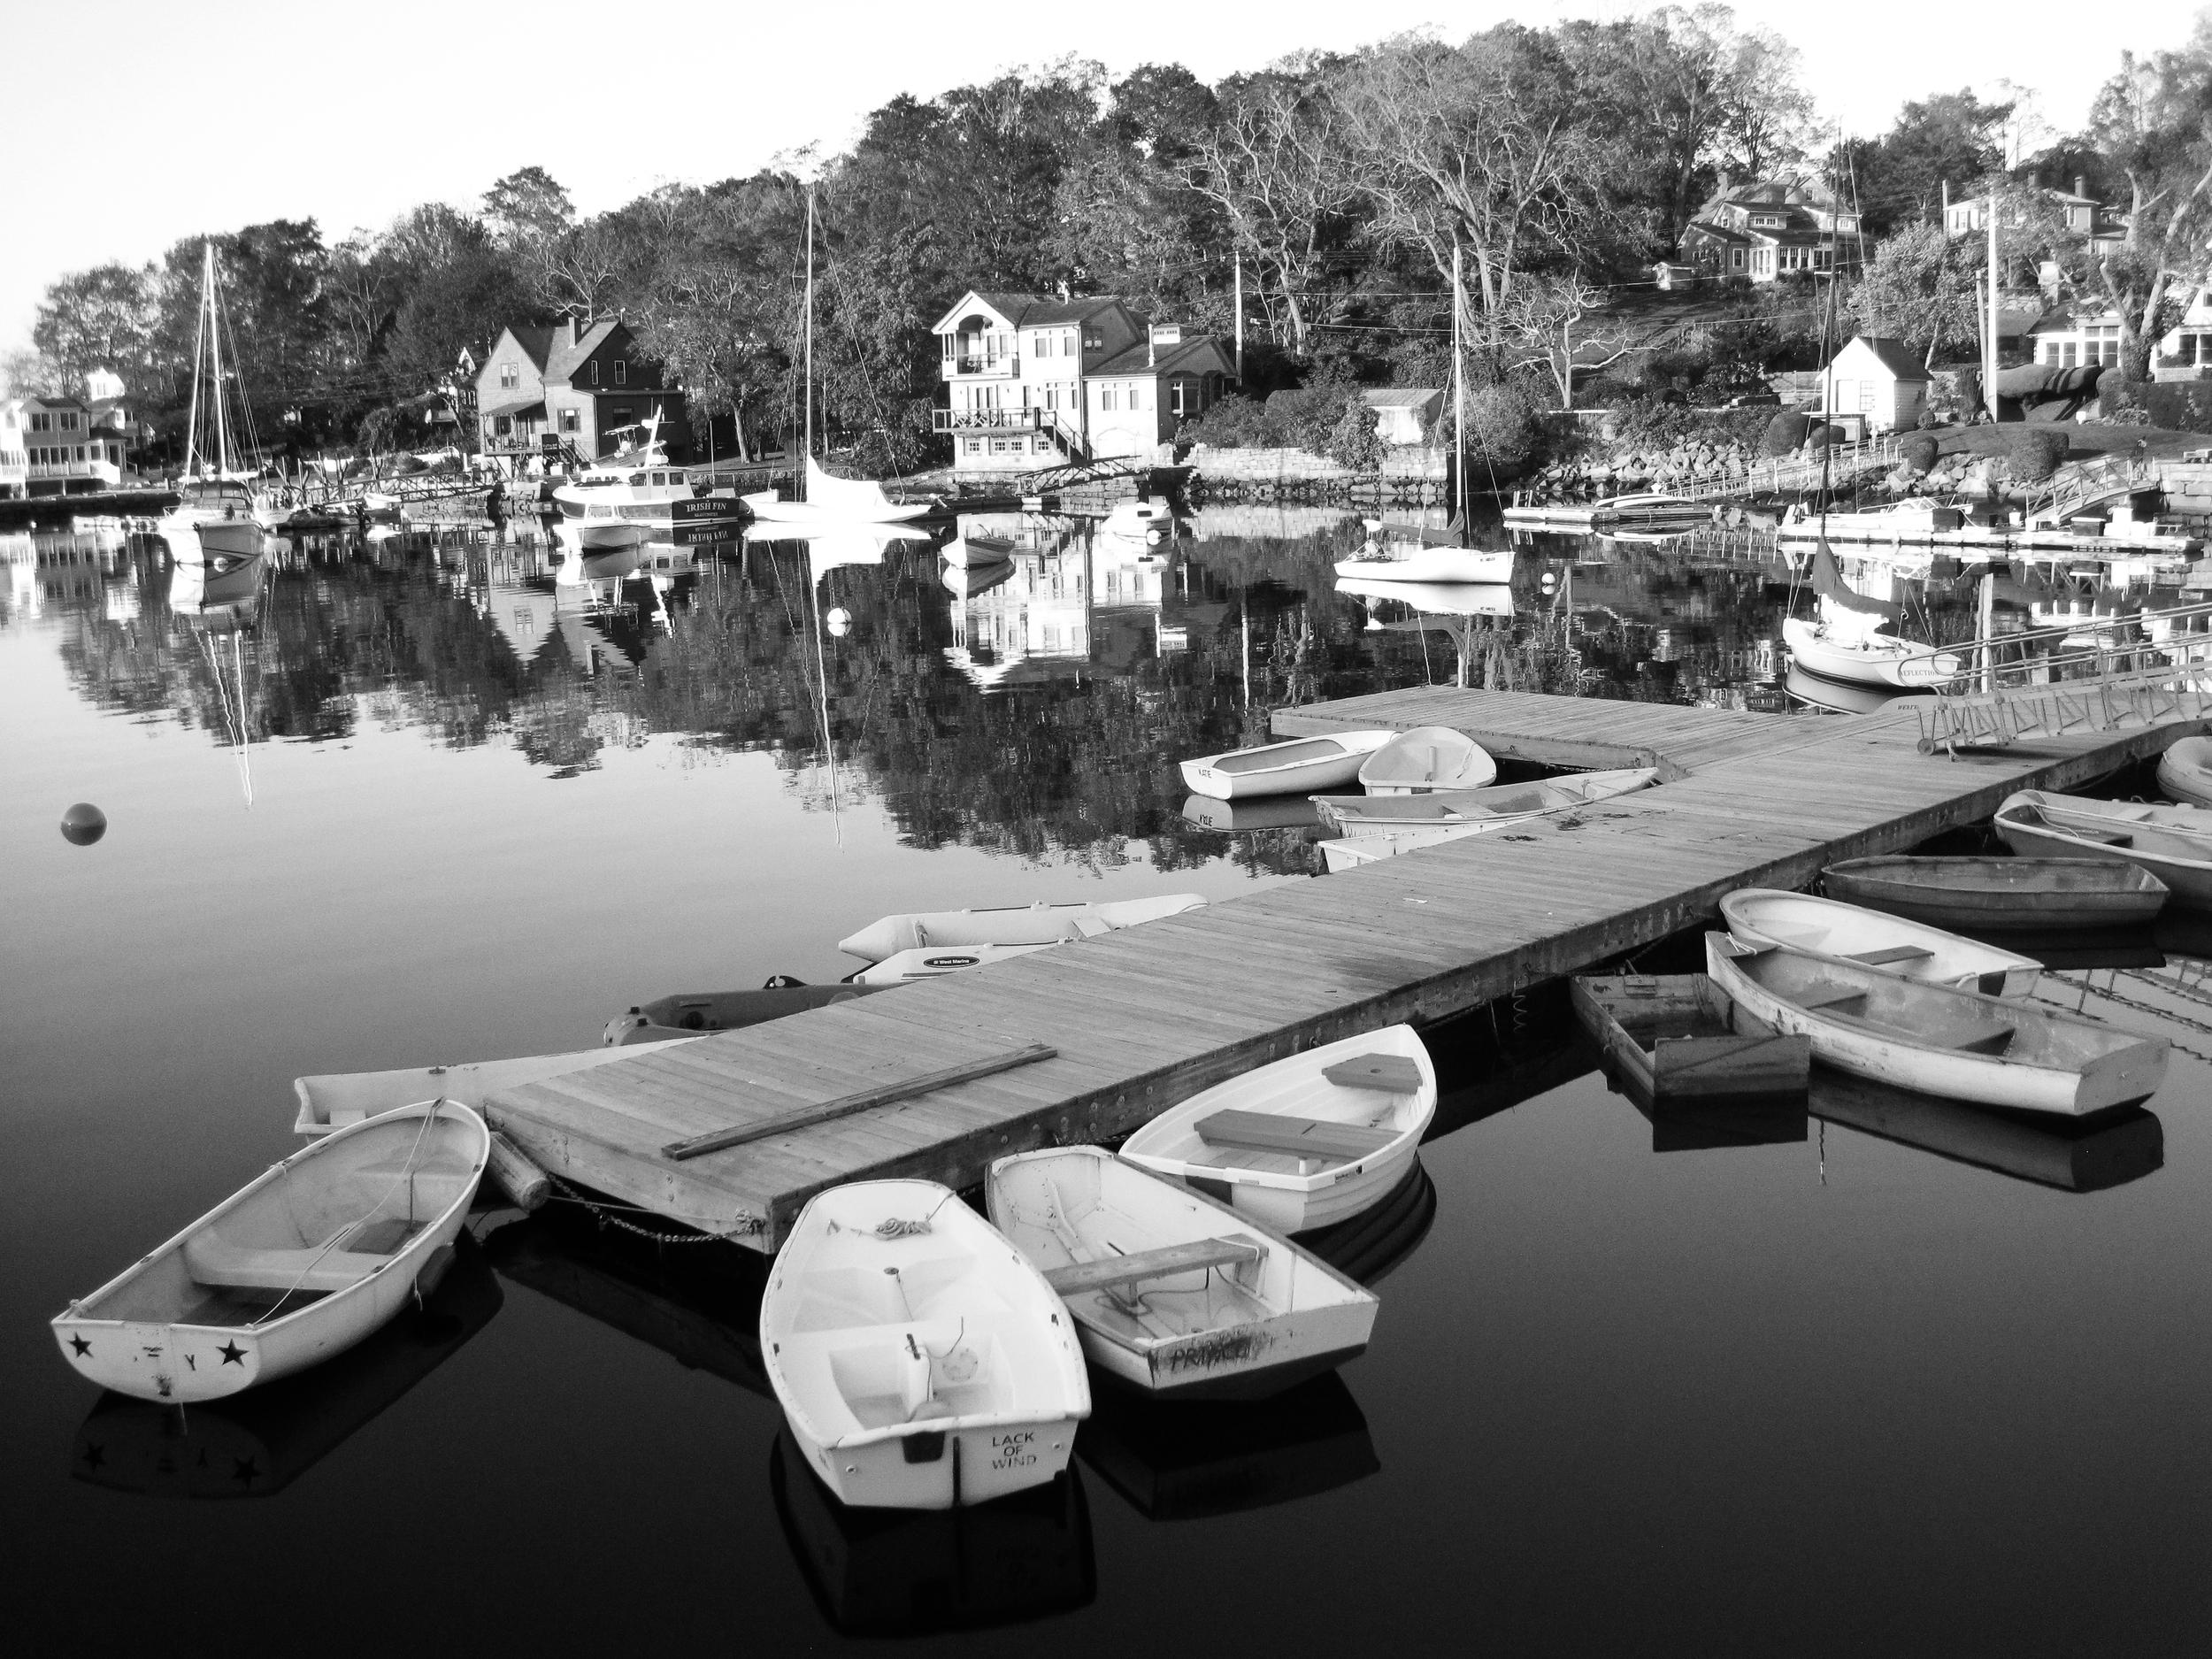 boats_dock.jpg